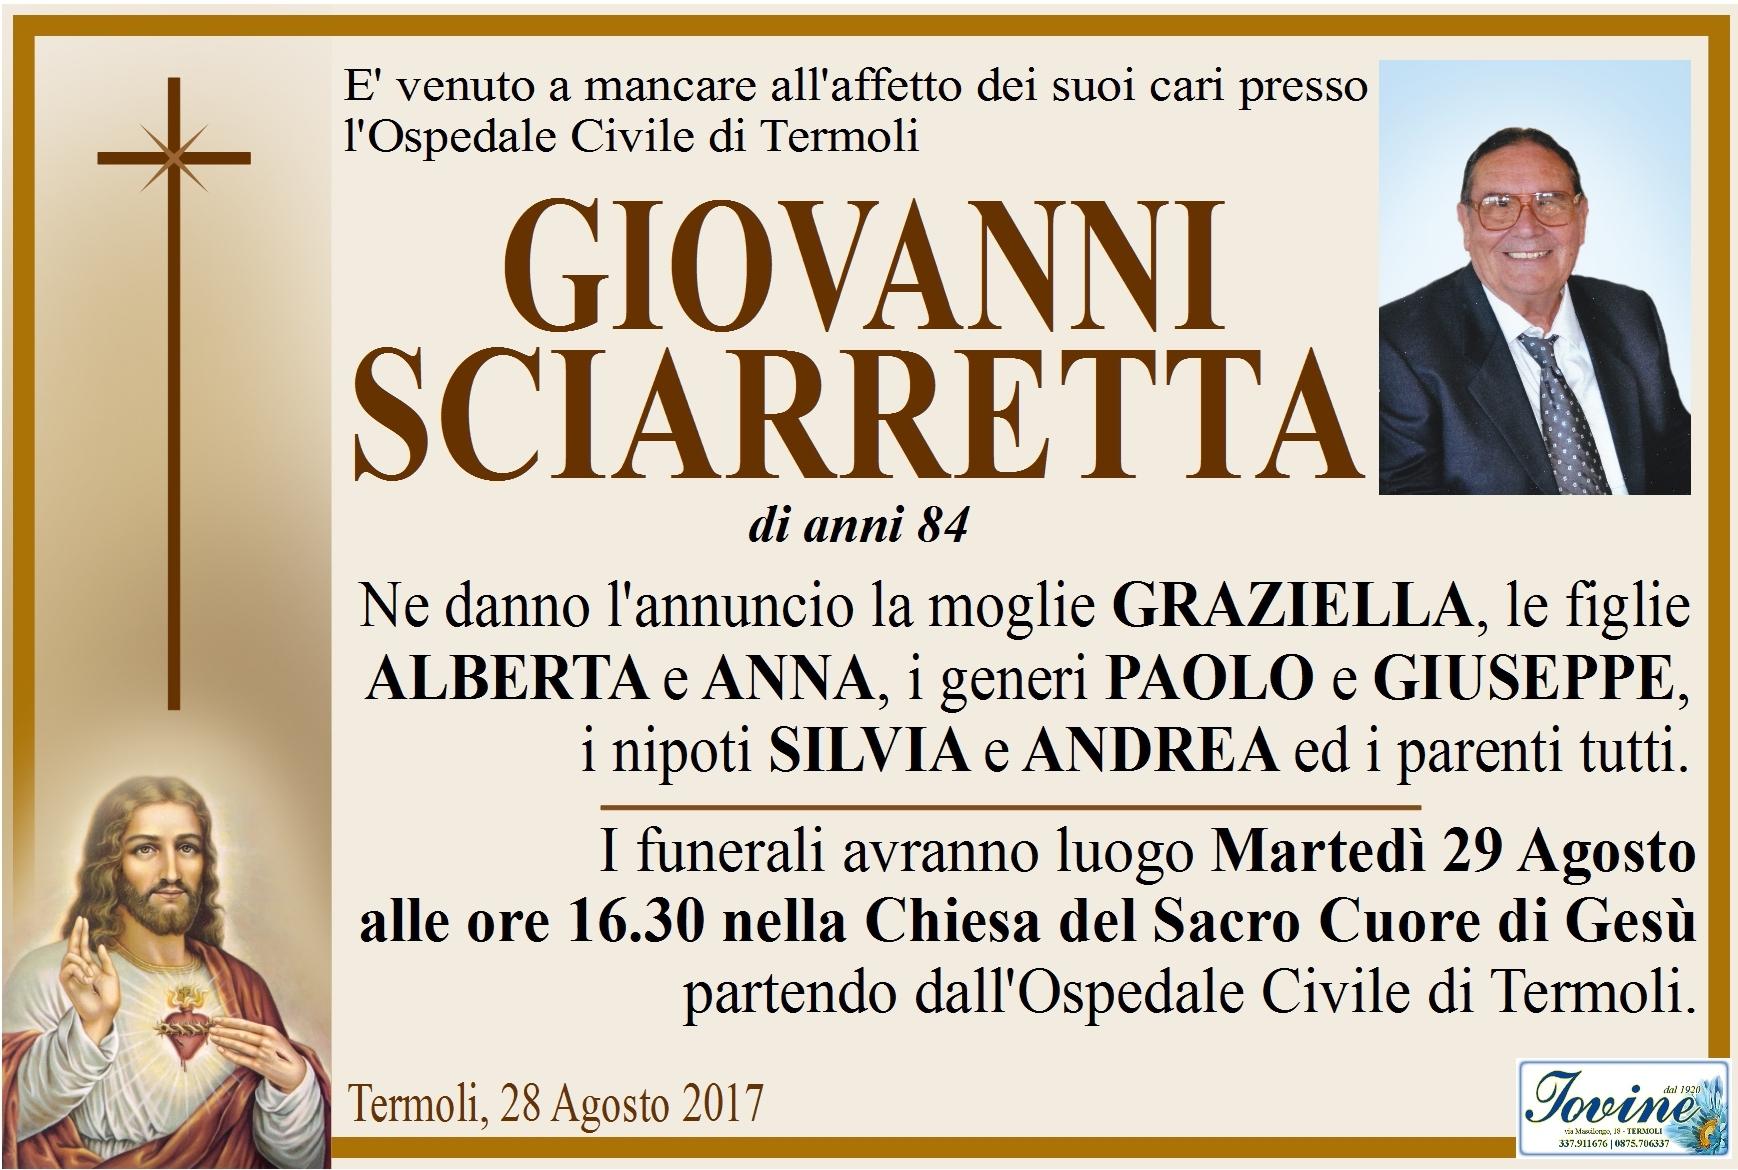 Giovanni Sciarretta, 28/08/2017, Termoli – Onoranze Funebri Iovine